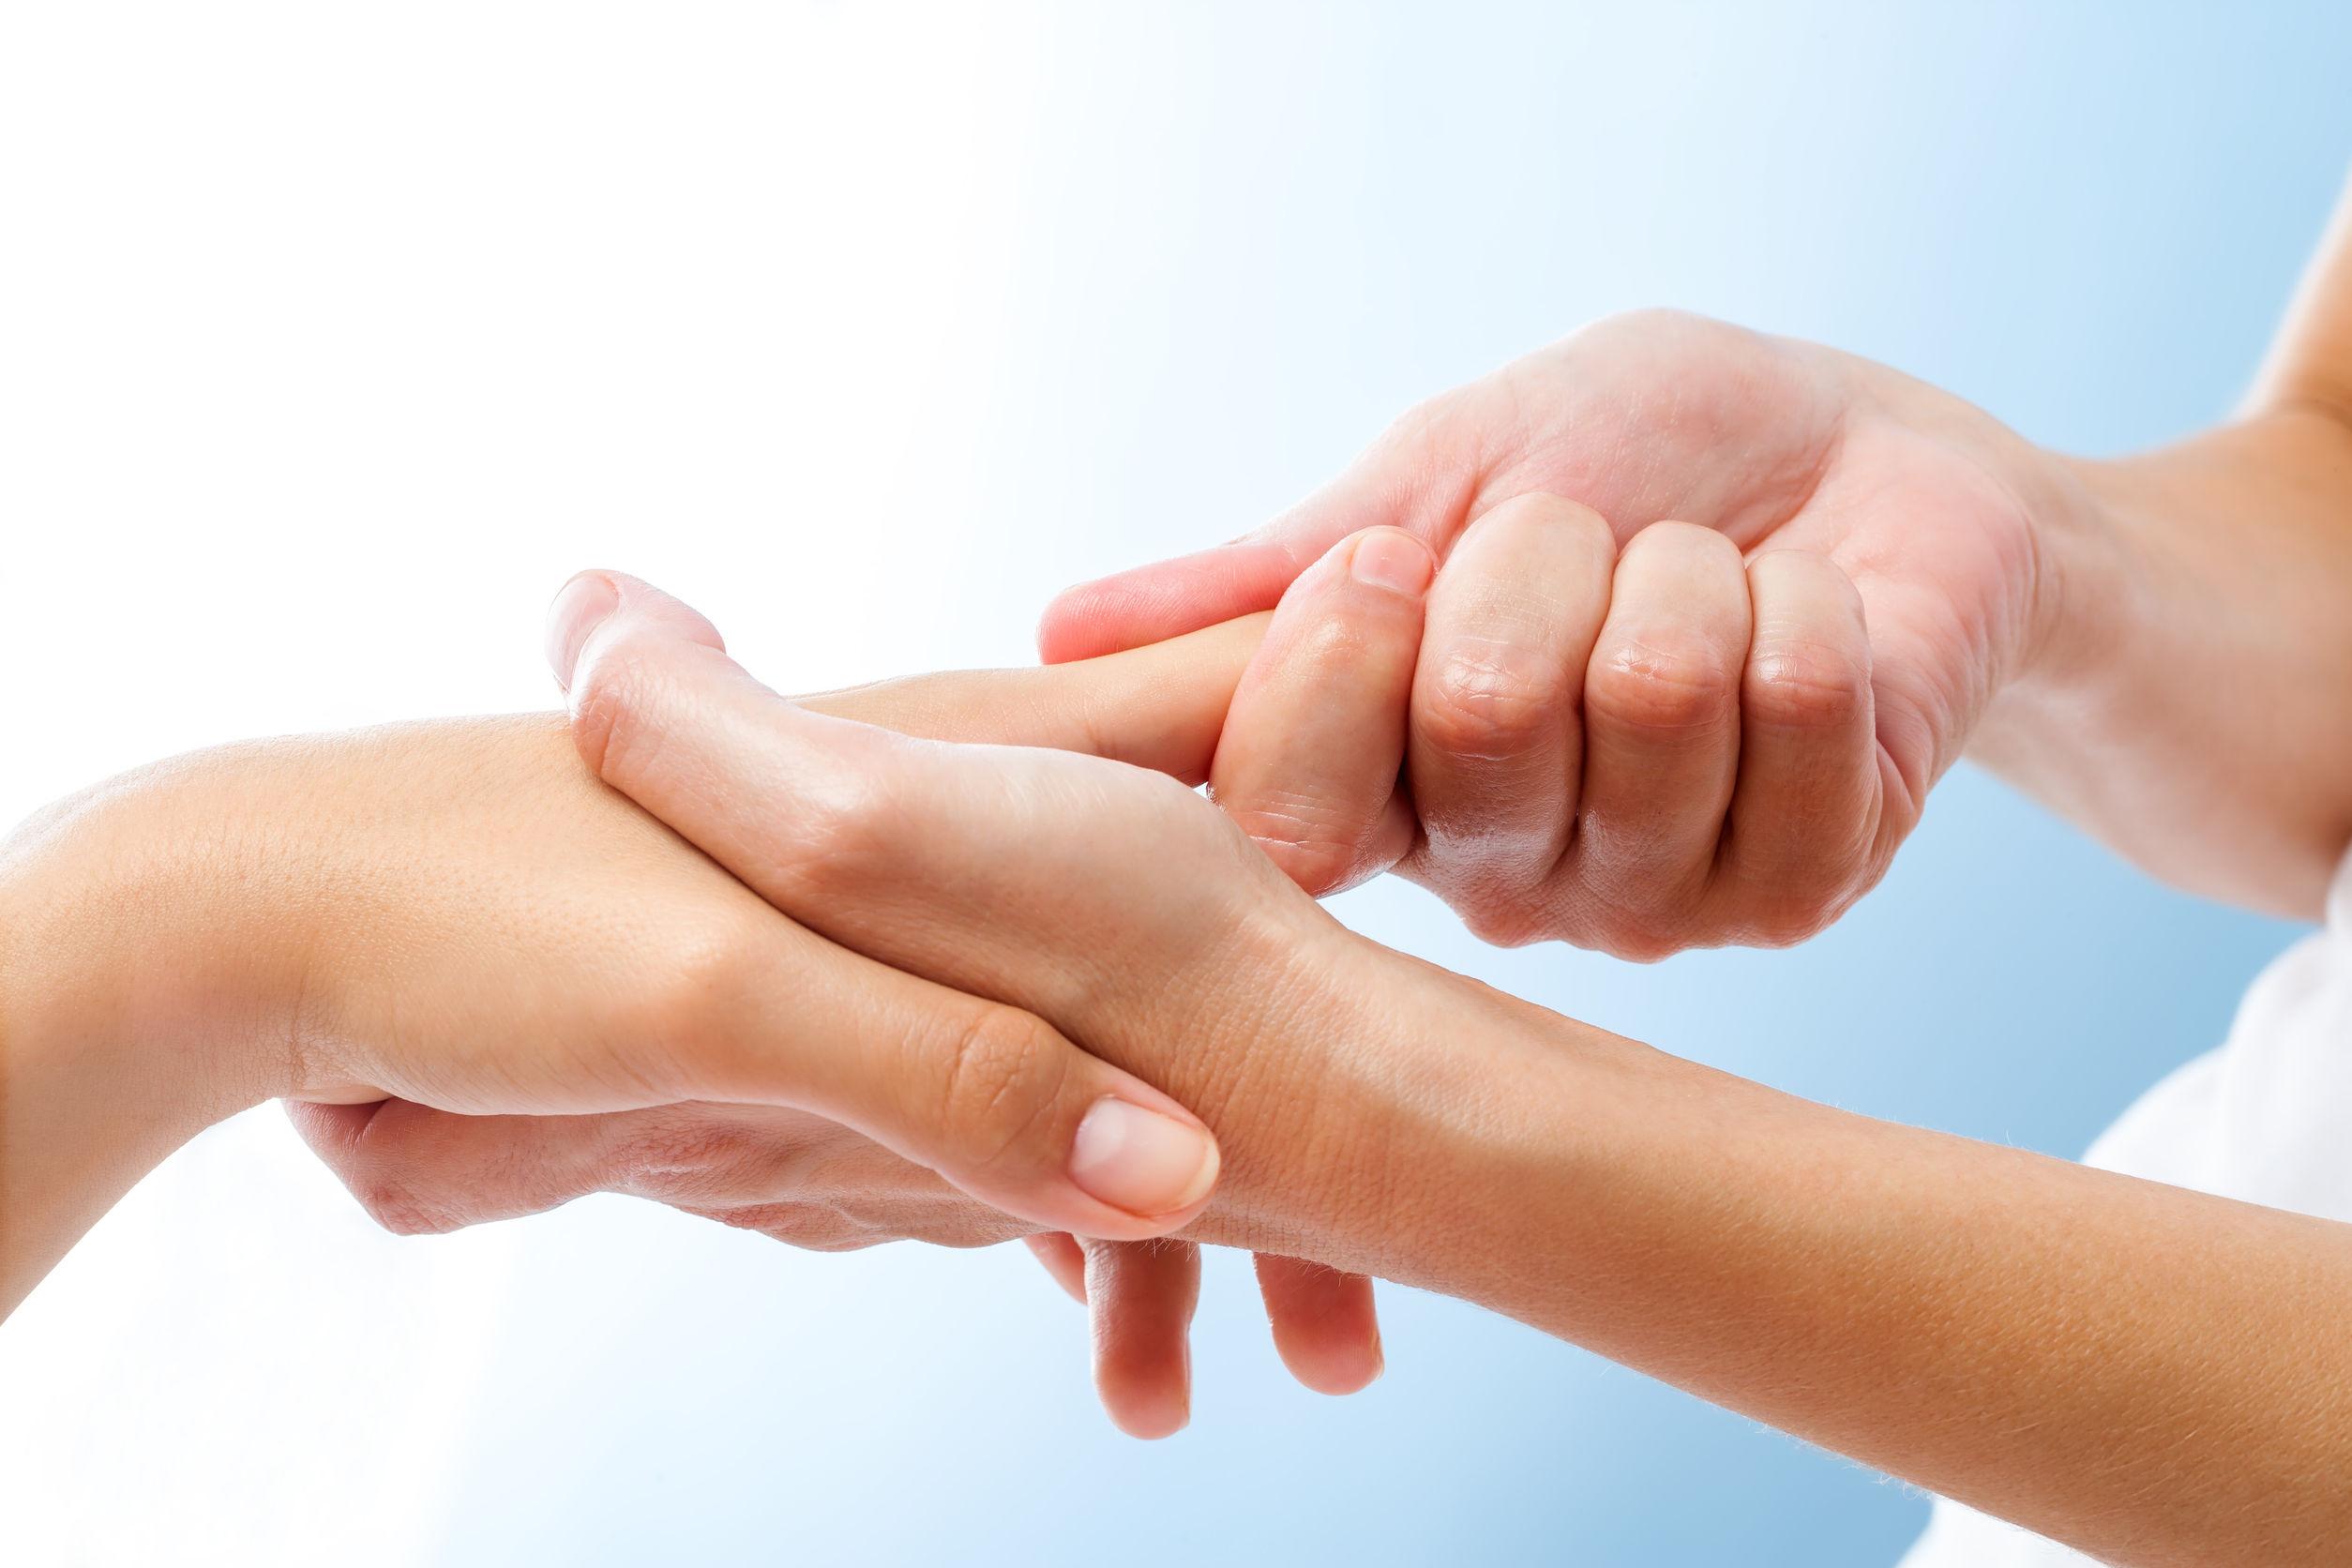 Bien-être et assouplissement des mains